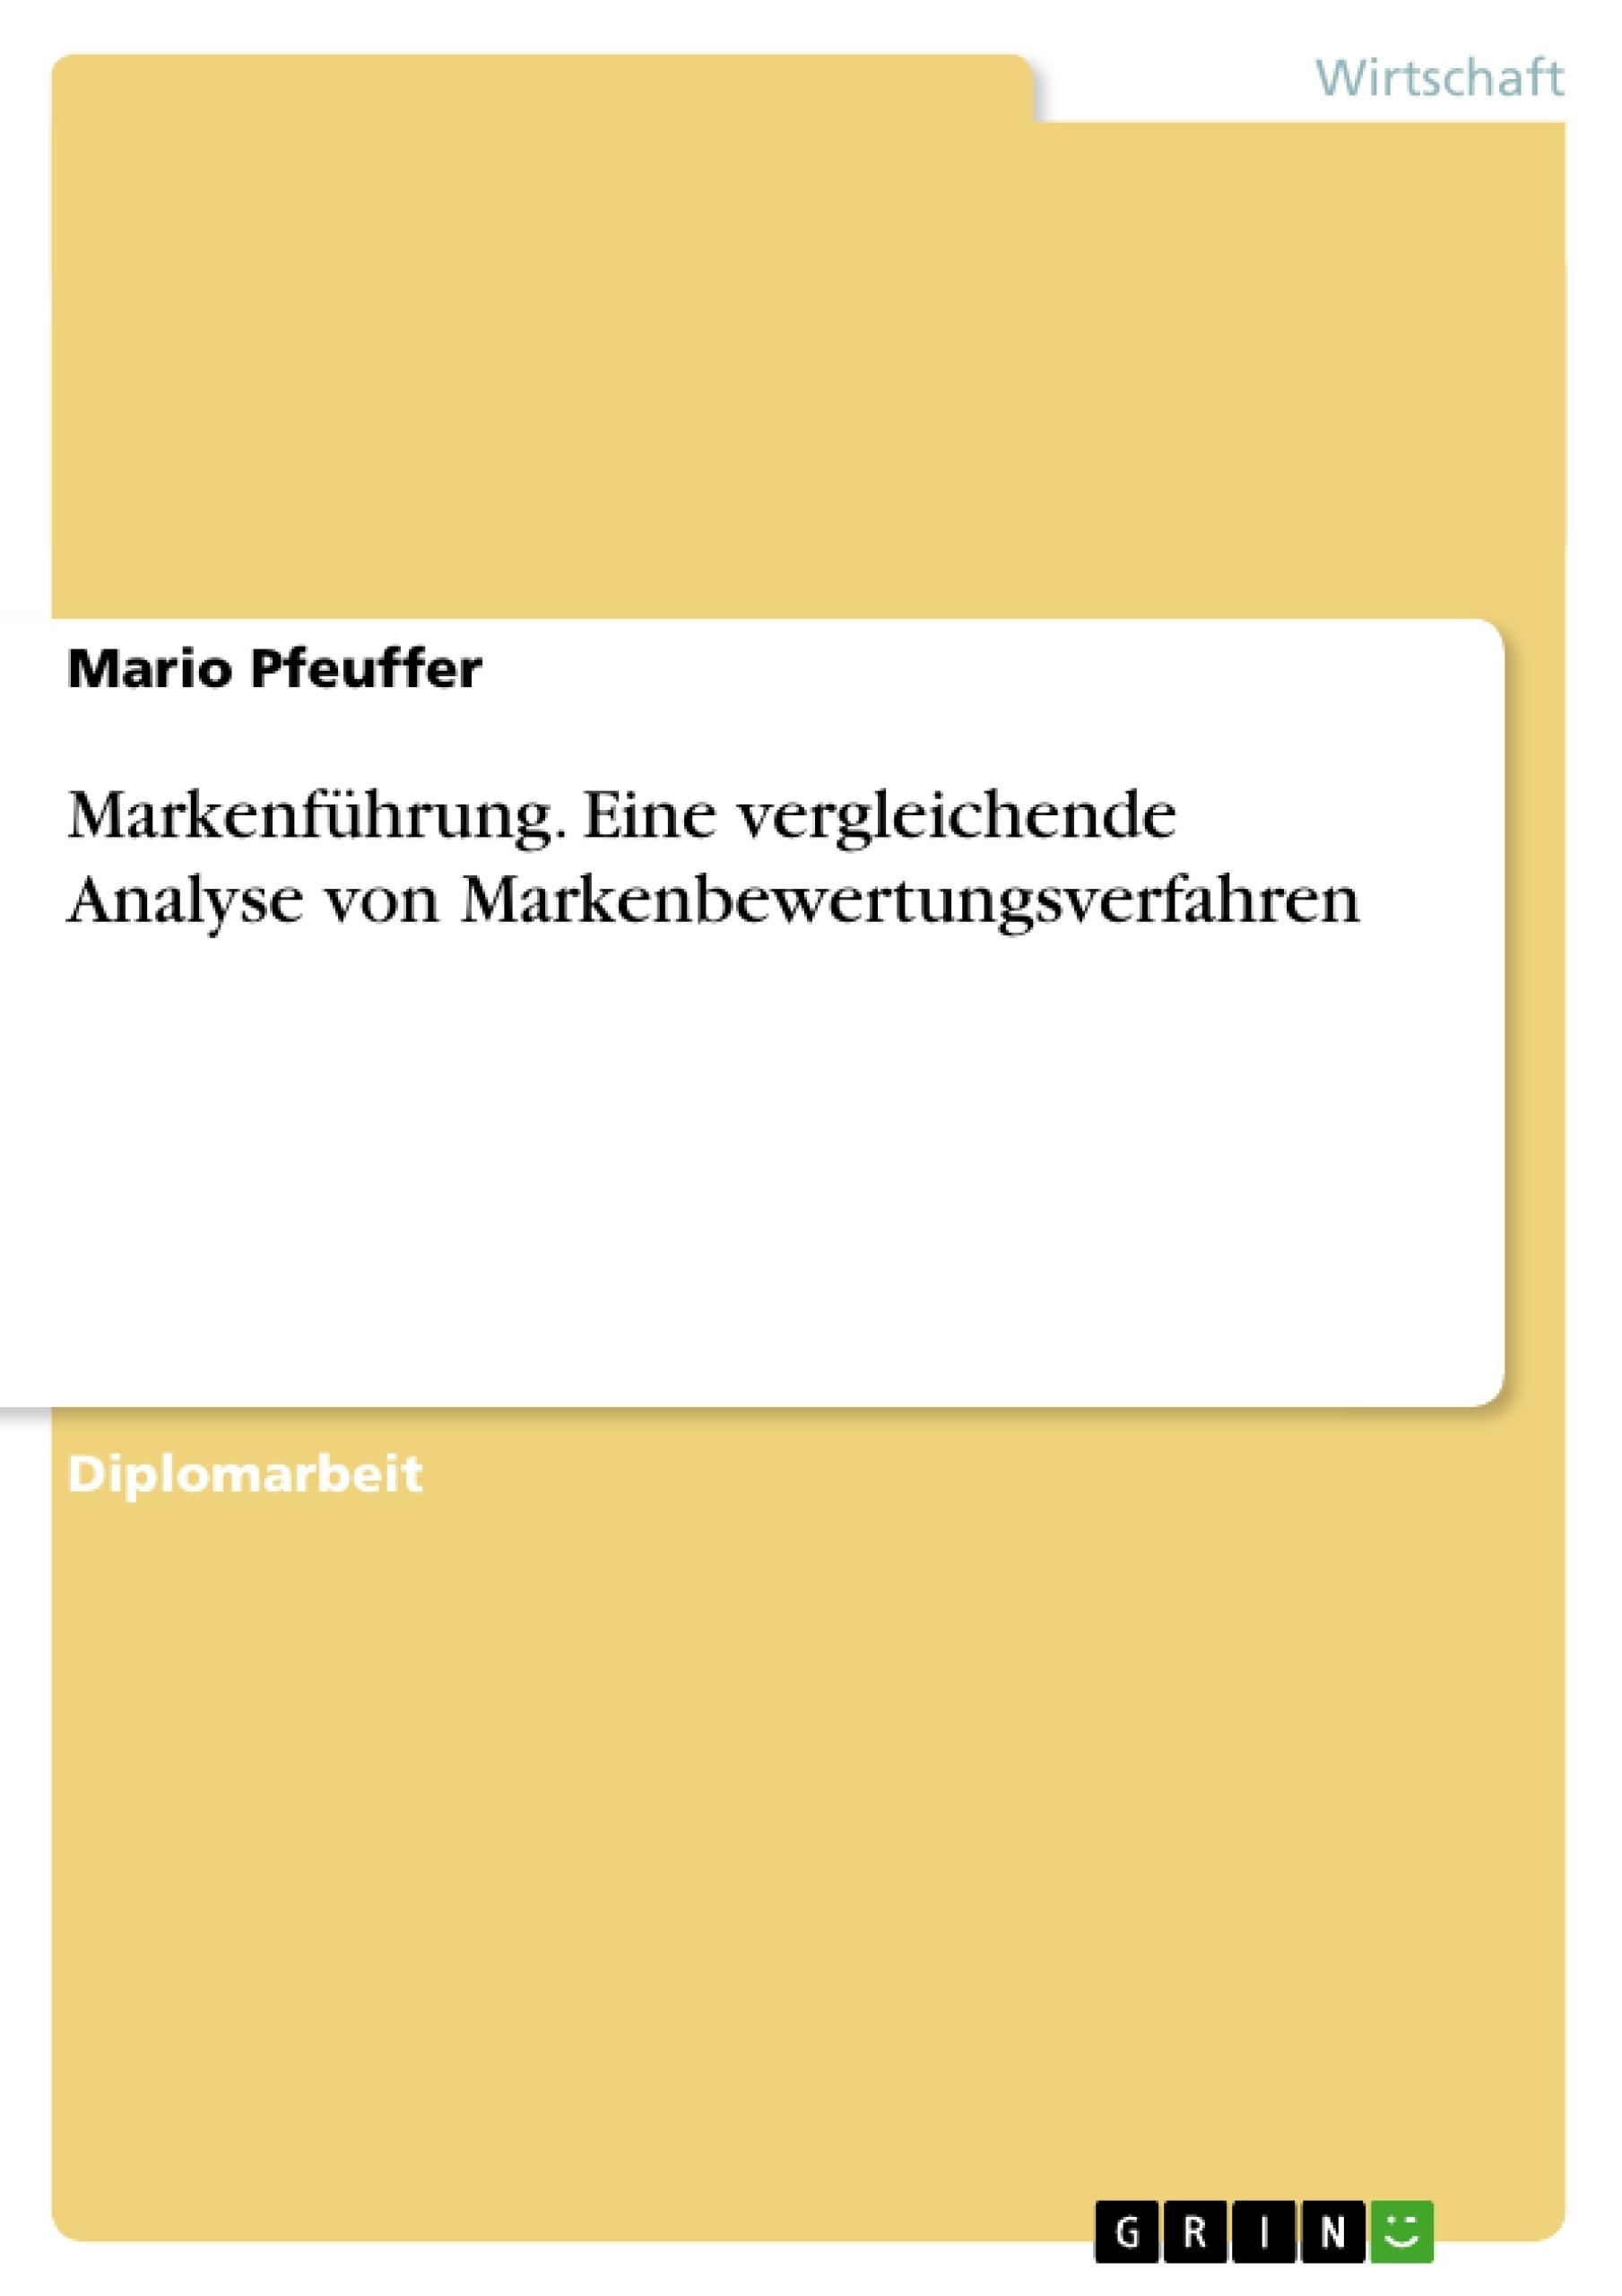 Titel: Markenführung.  Eine vergleichende Analyse von Markenbewertungsverfahren